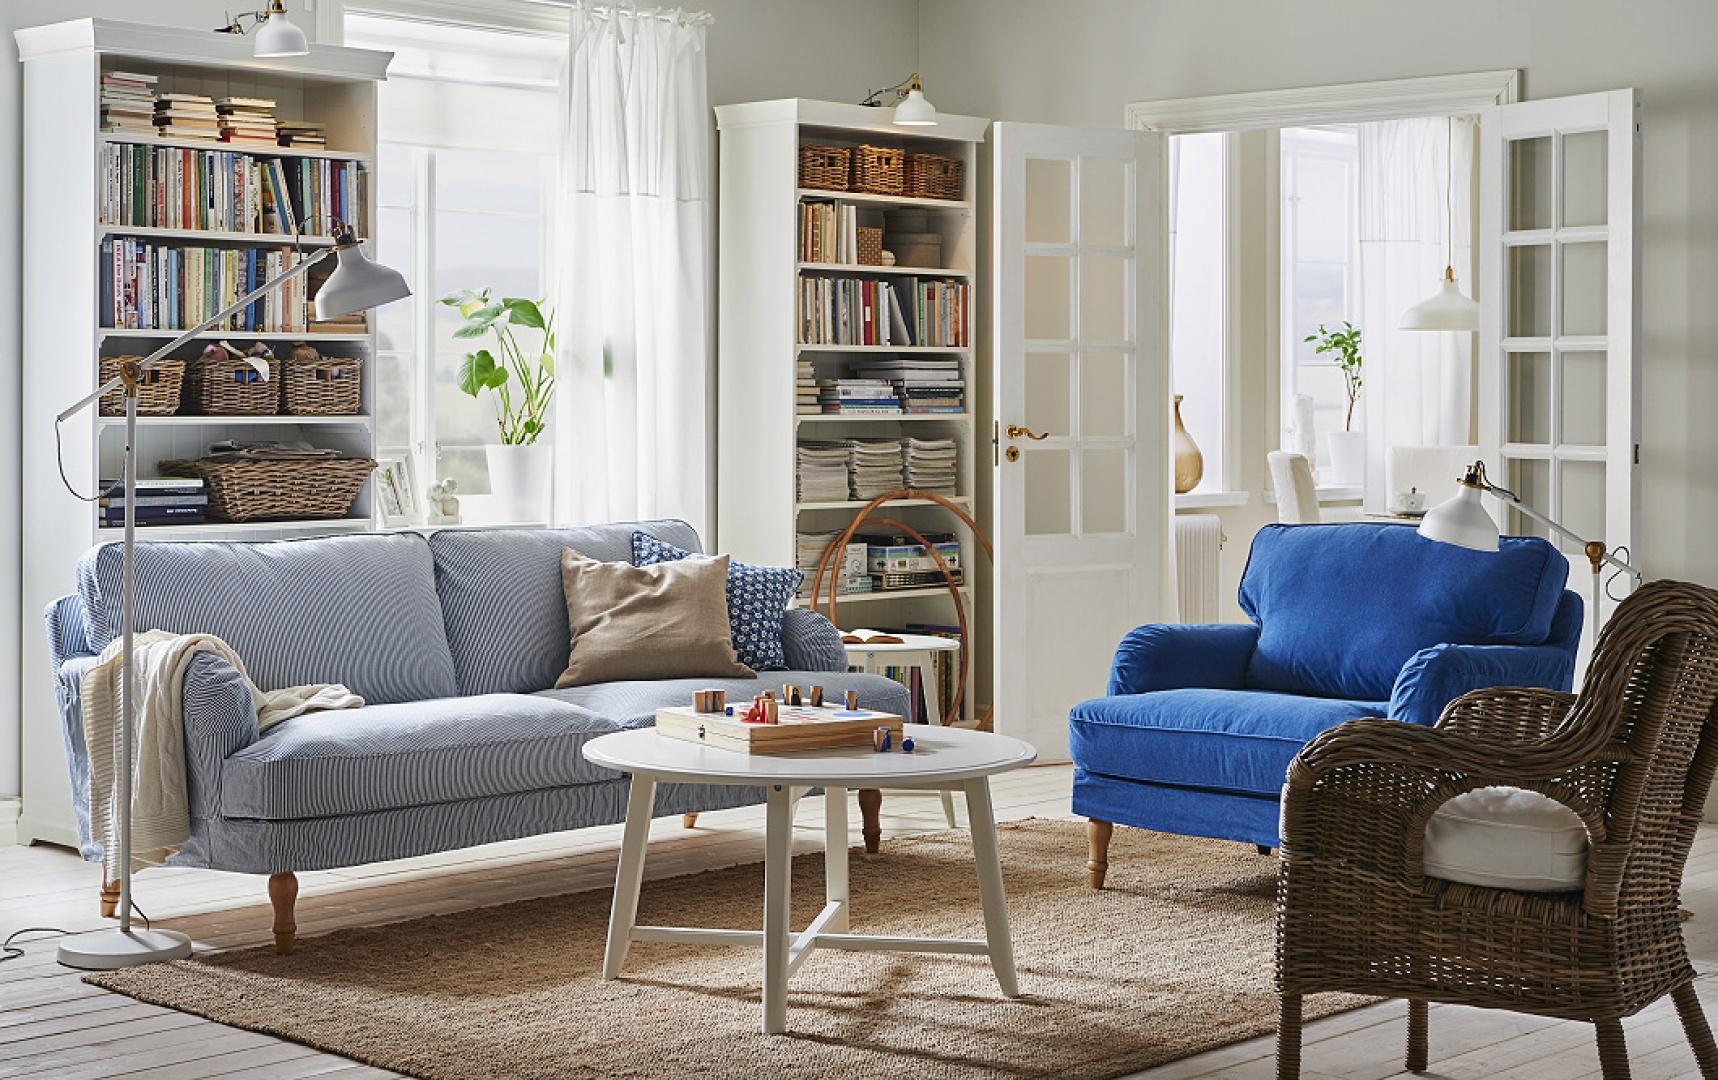 Sofa Stocksund od IKEA. 1999 zł, fot. materiały prasowe